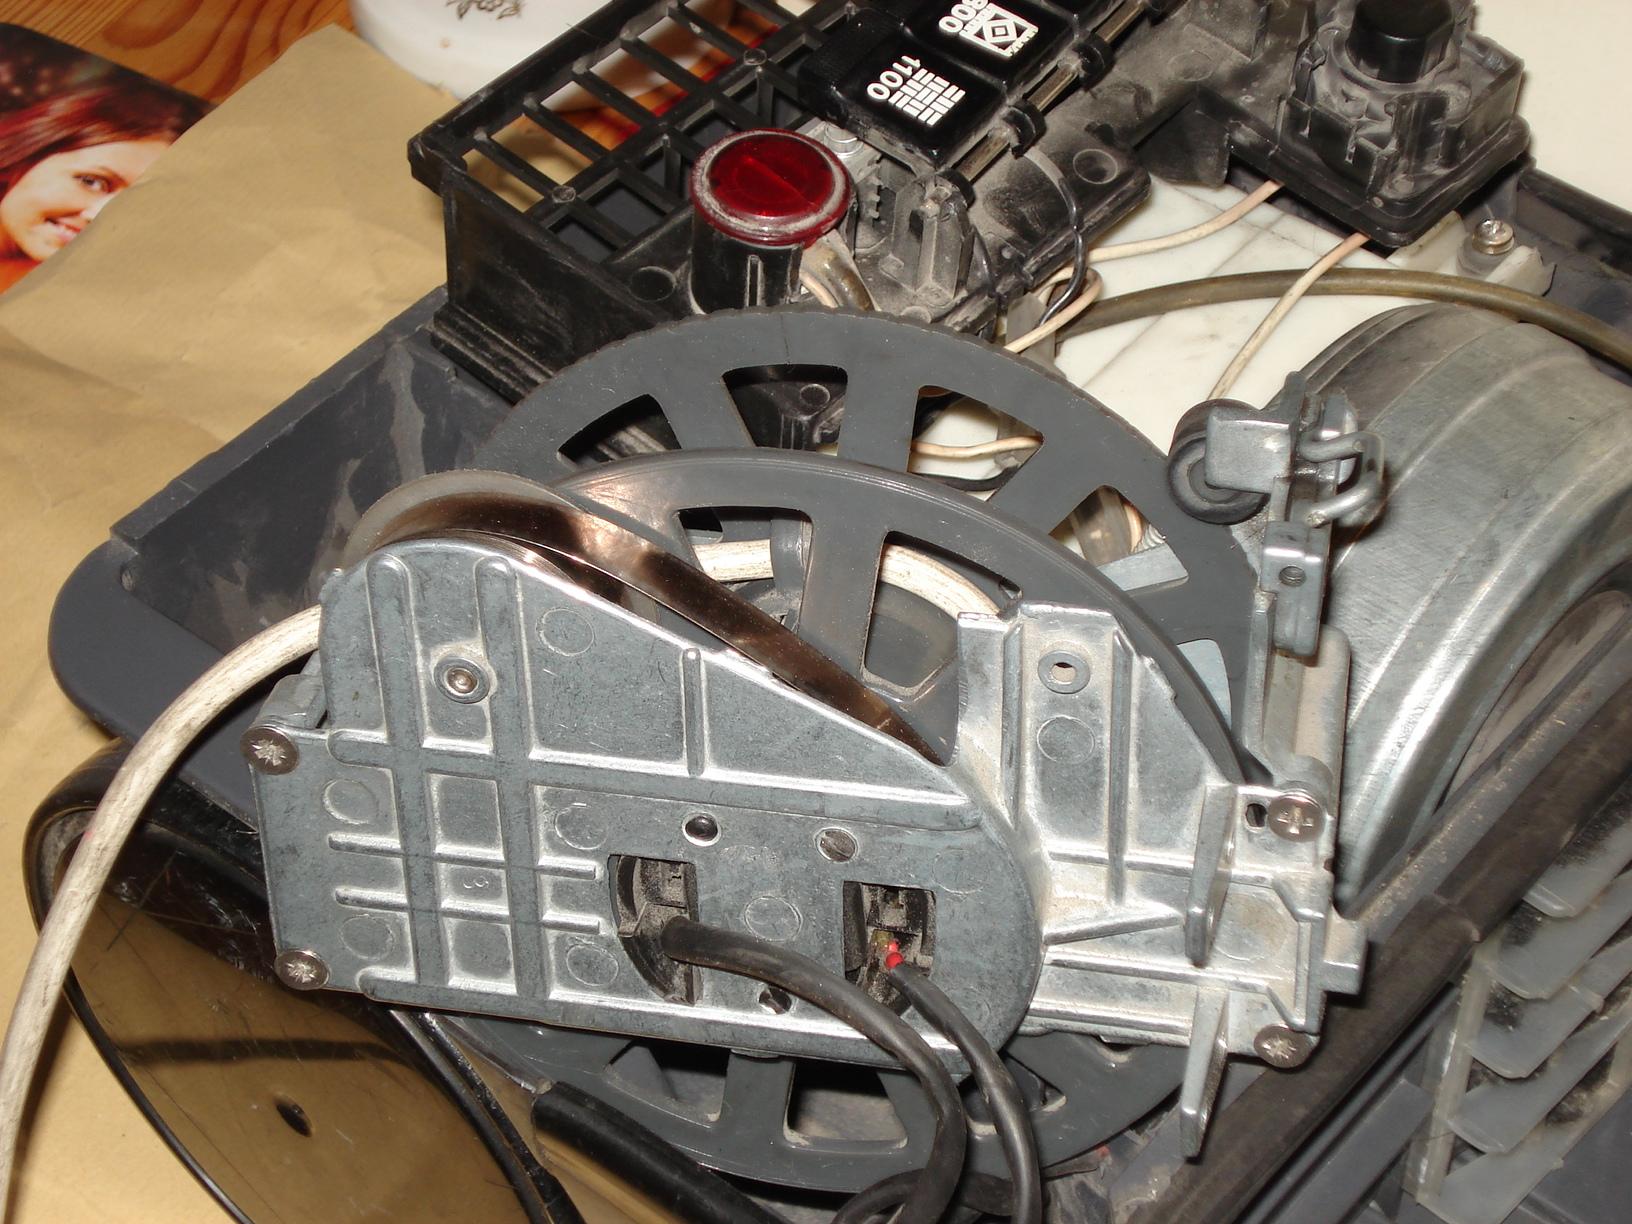 [Kupi�] zelmer odkurzacz typ 700 zwijacz kabla